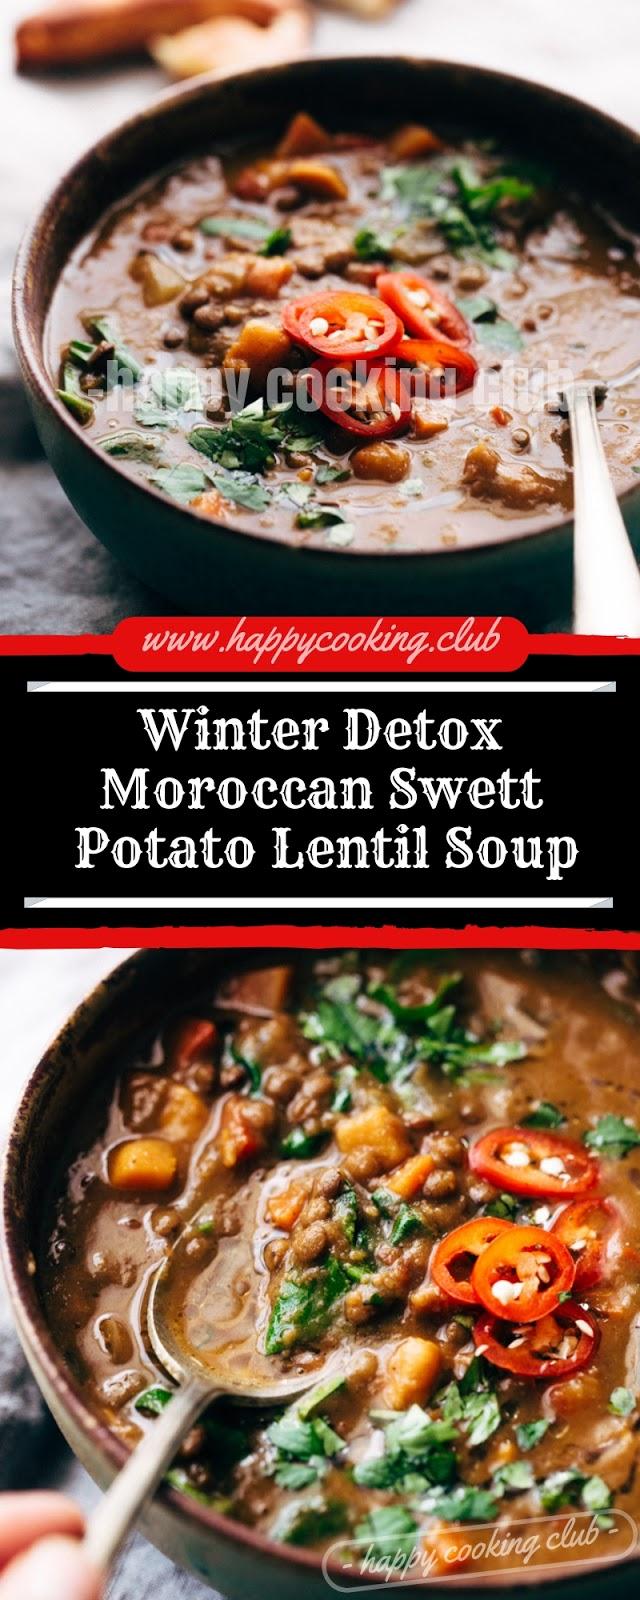 Winter Detox Moroccan Swett Potato Lentil Soup